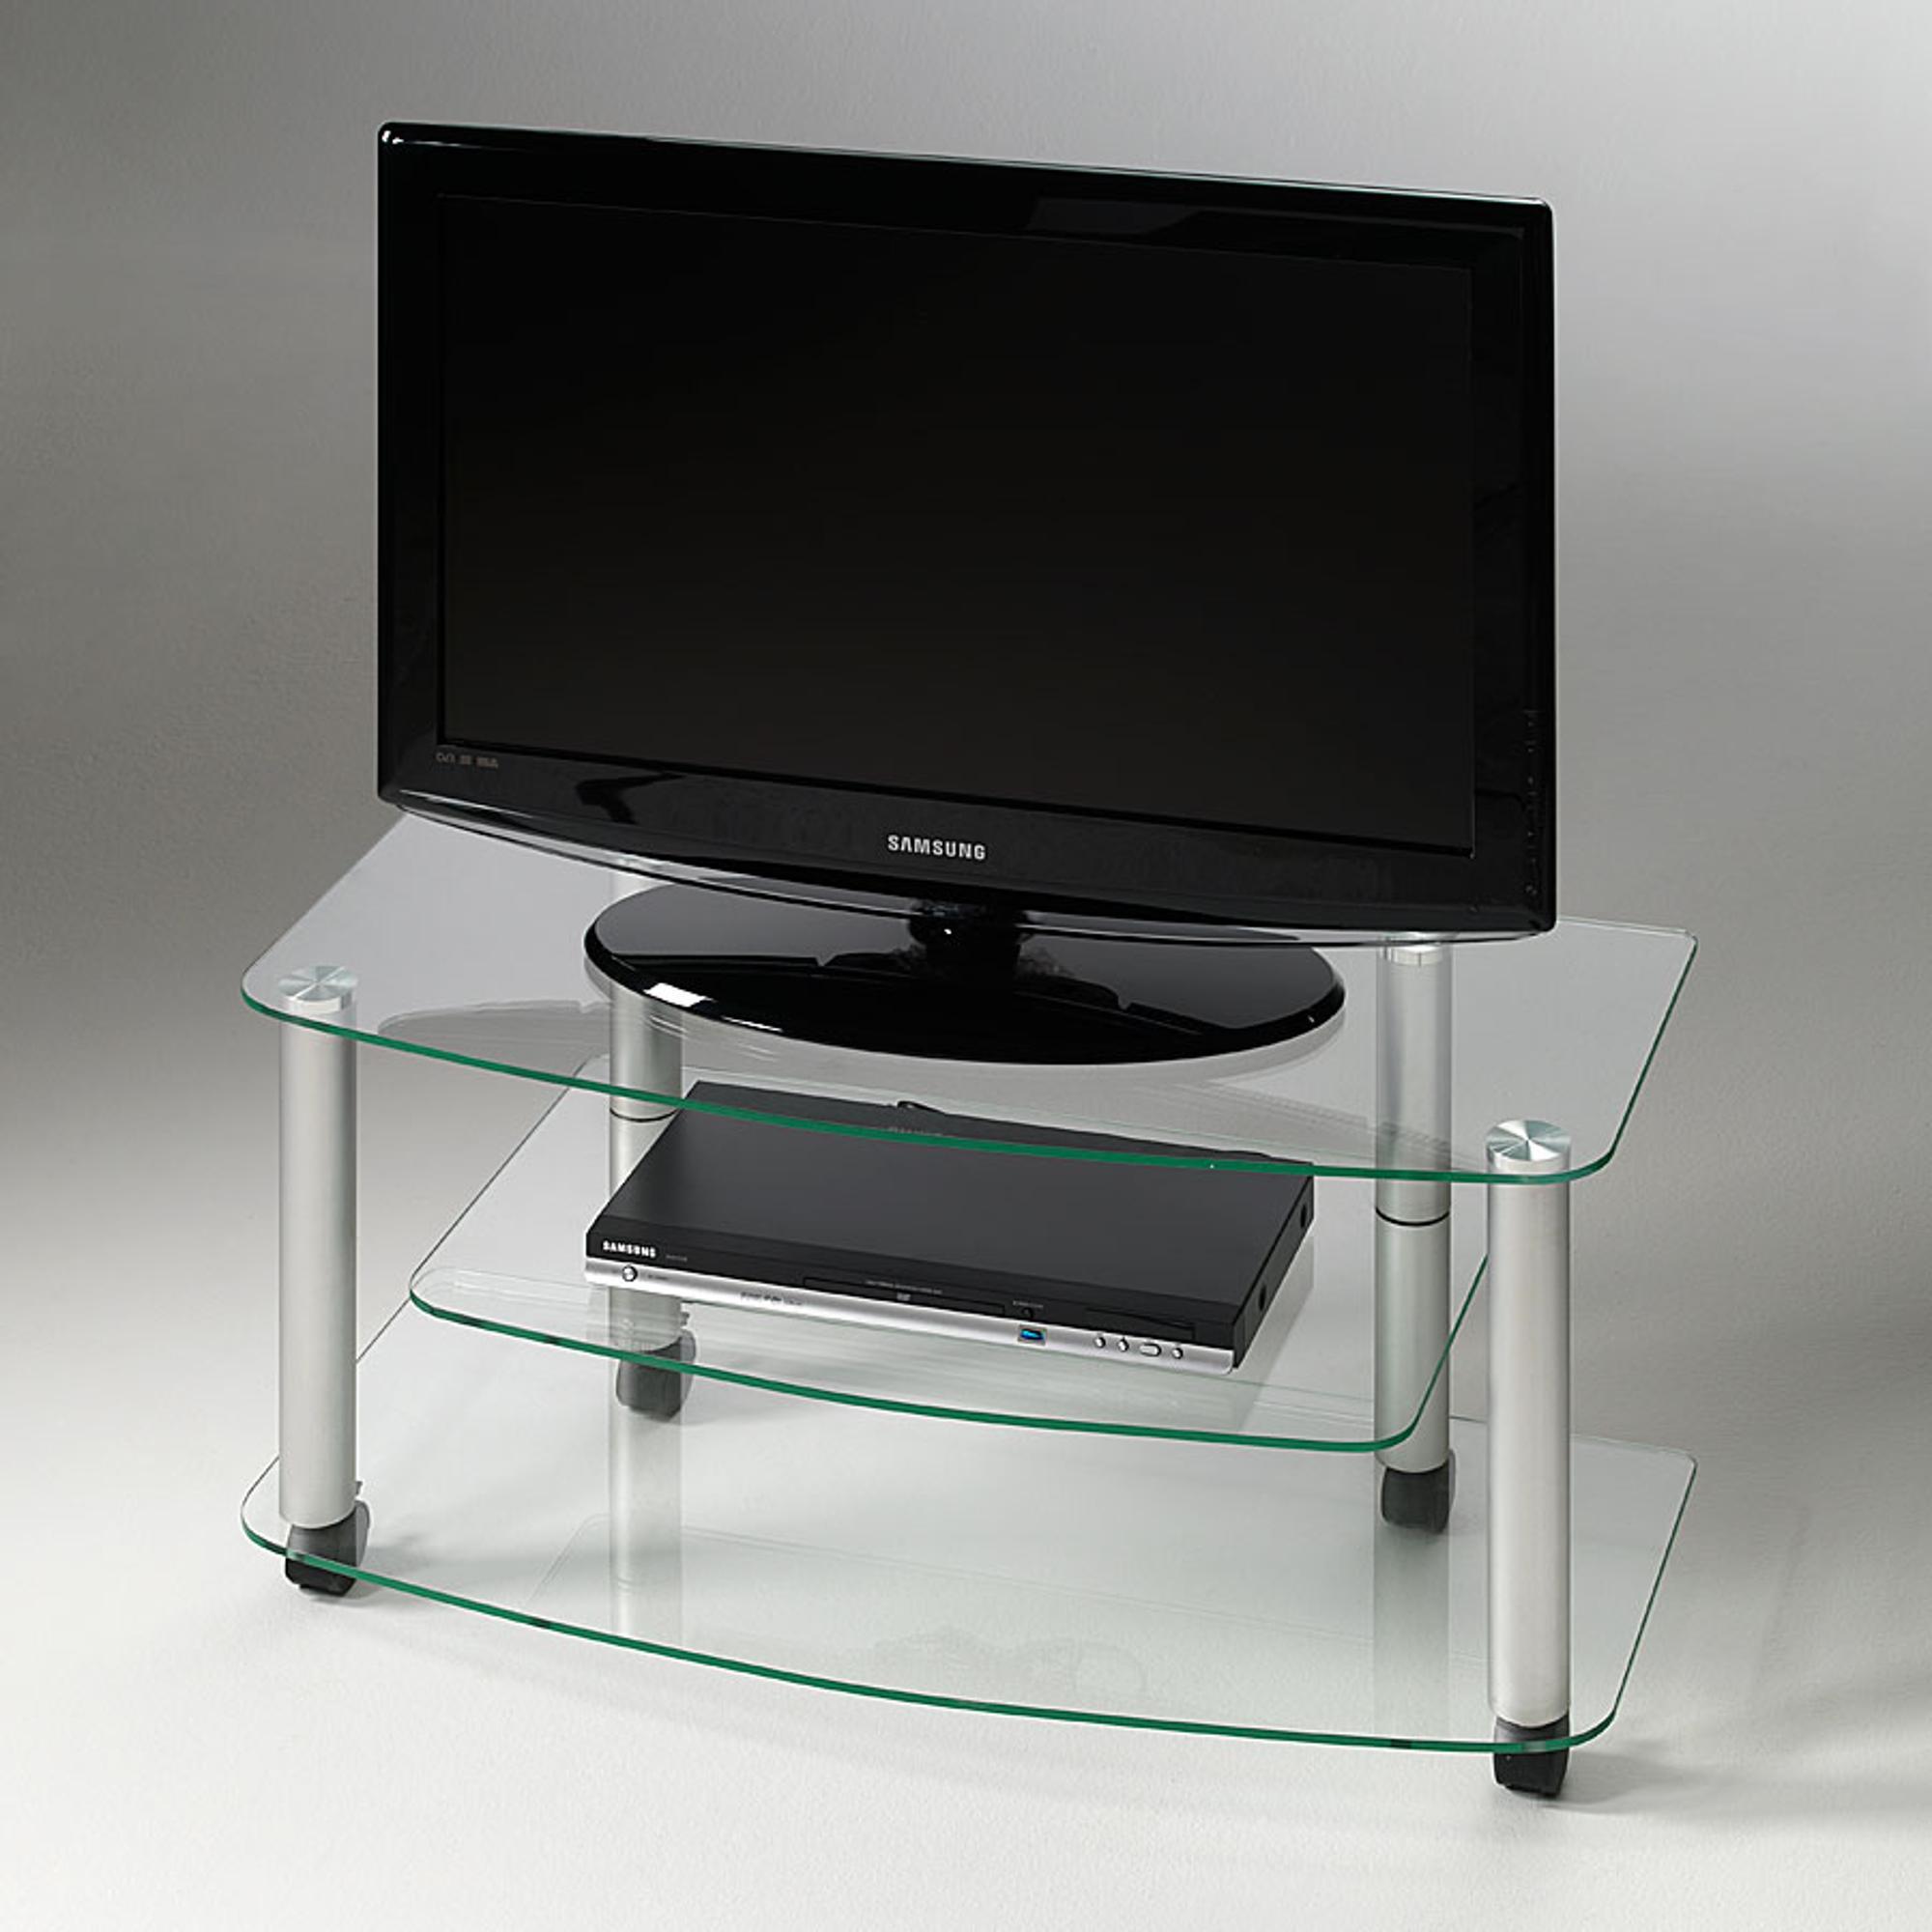 Carrello porta tv03 90x40x43h cm ripiani in vetro - Mobili porta tv in vetro ...